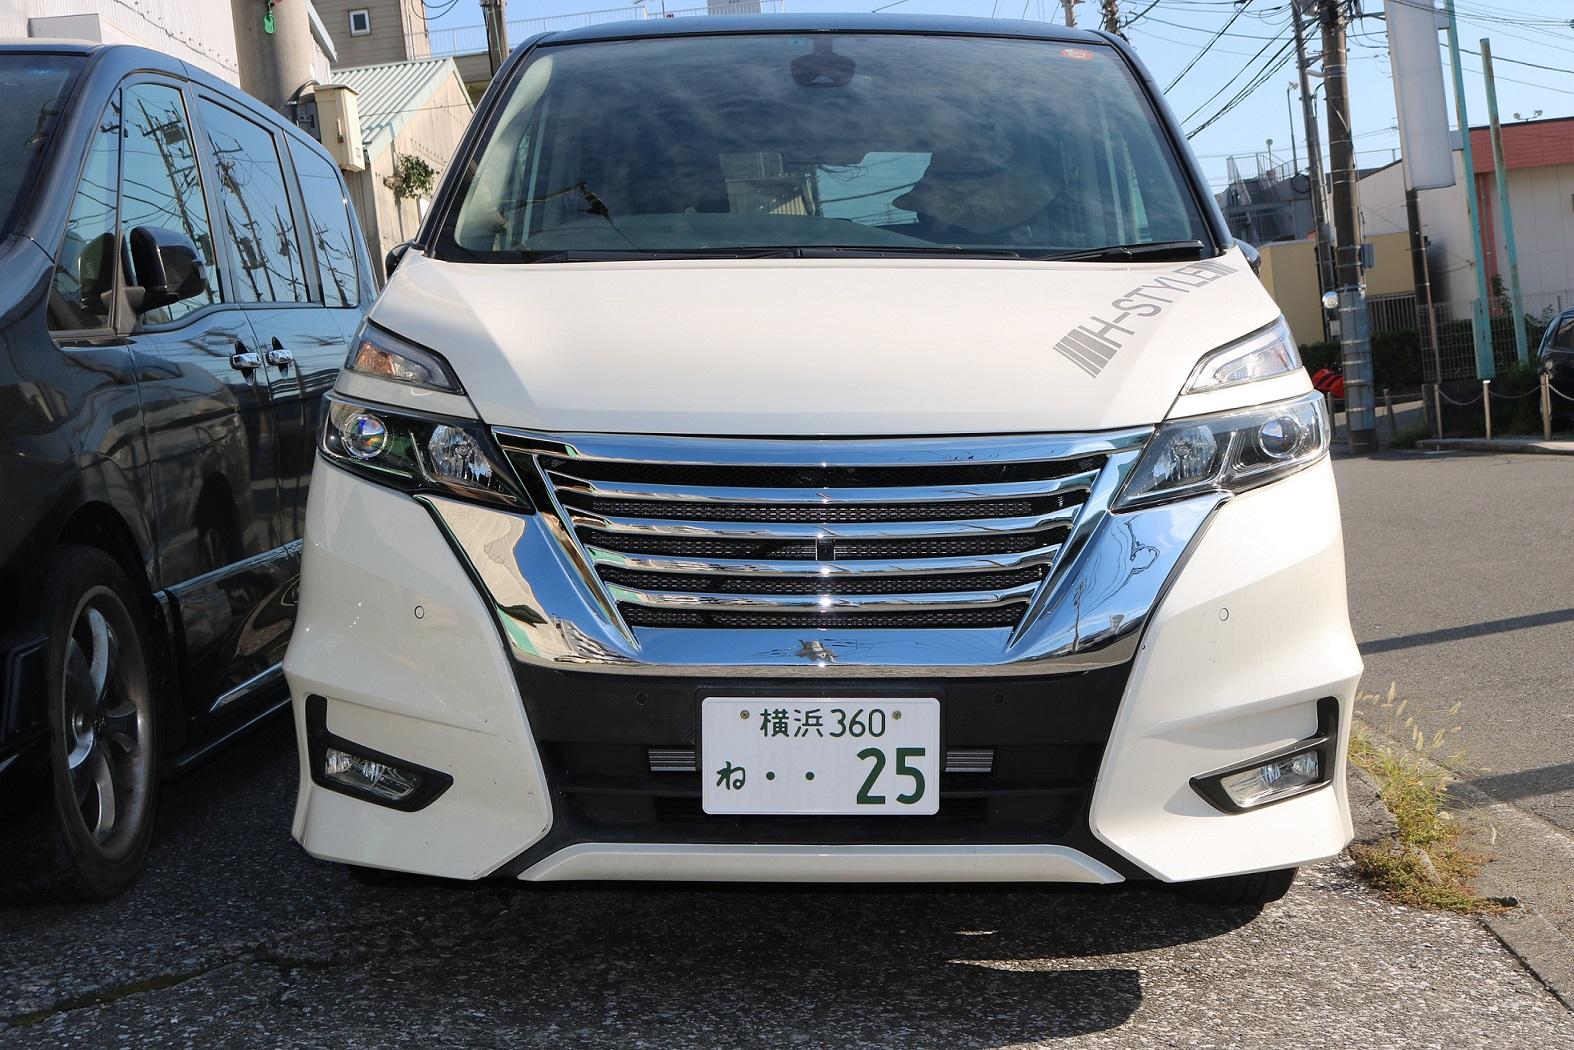 C27 セレナ Highwaystar専用!! フロントグリル(オールメッキ) VANQUISH 新型 SERANA NISSAN 日産 パーツ クローム カスタム ドレスアップ